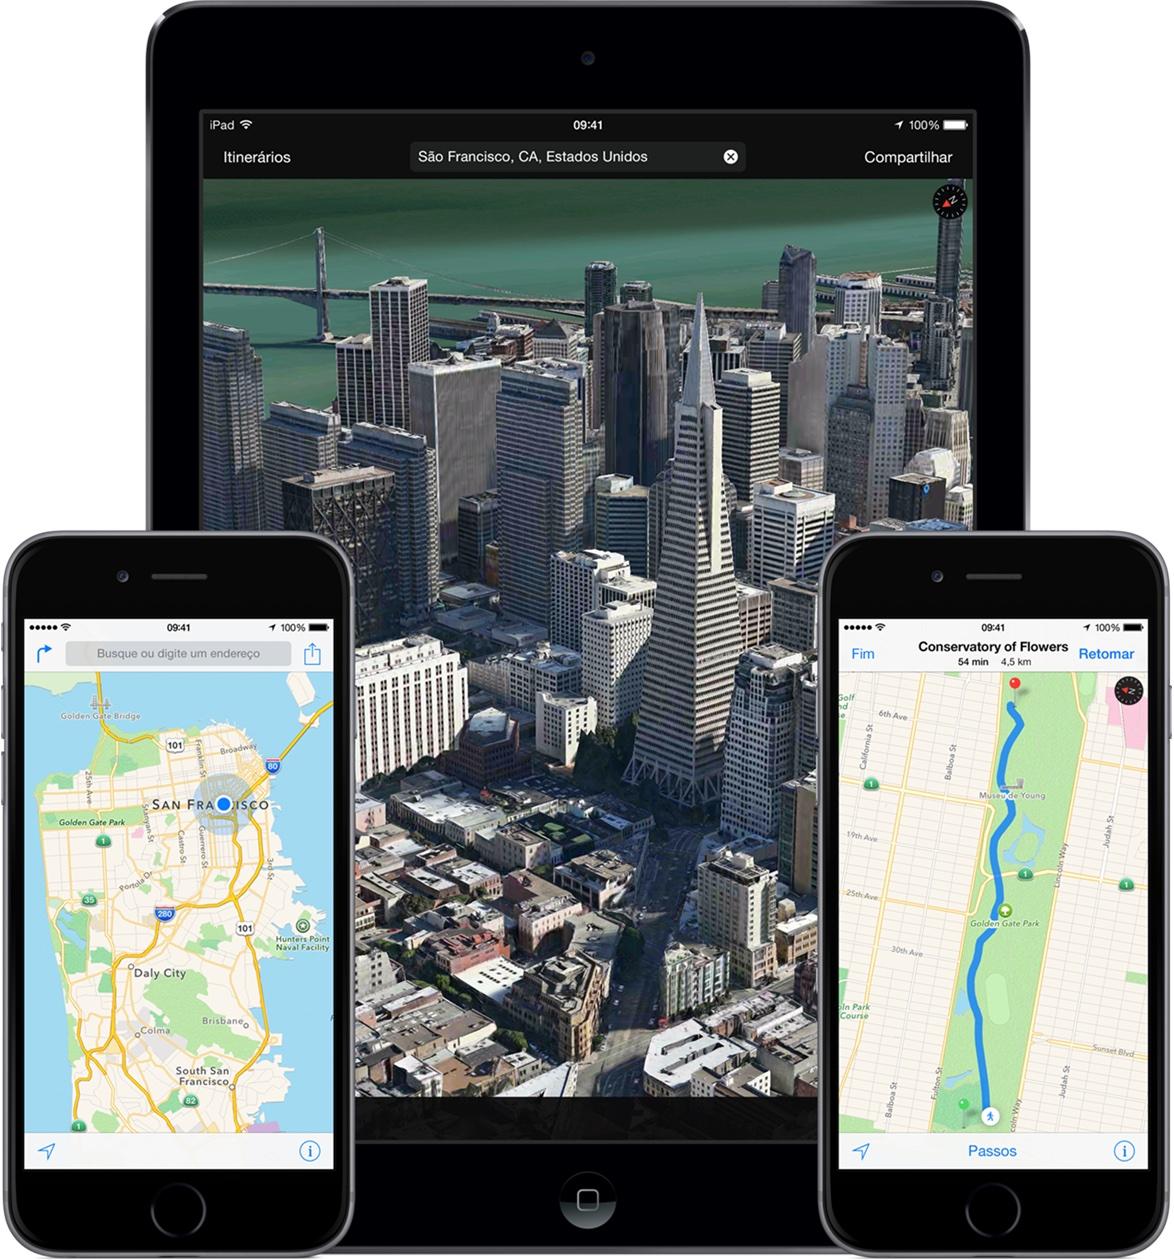 Mapas no iOS